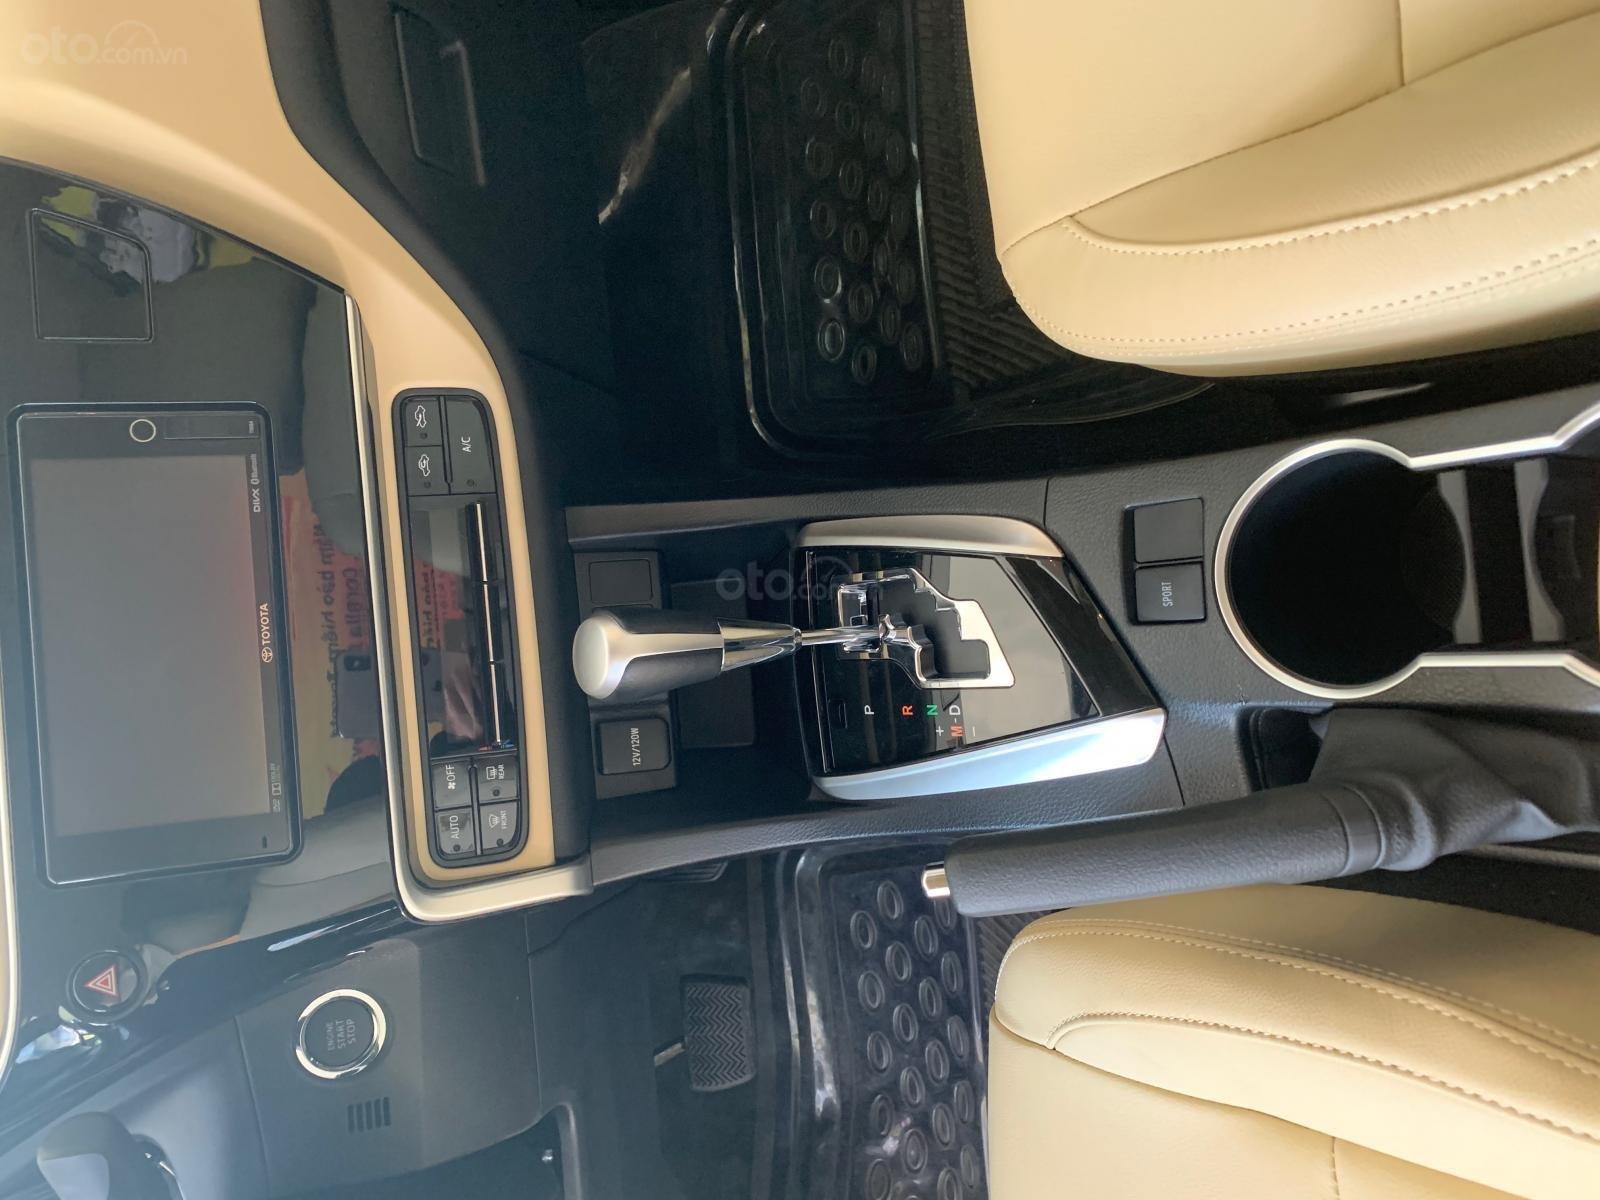 Trả trước chỉ từ 160tr nhận xe Toyota Altis 1.8G CVT sx 2019 Toyota Đông Sài Gòn - Gò Vấp, Lh 0909861184-5